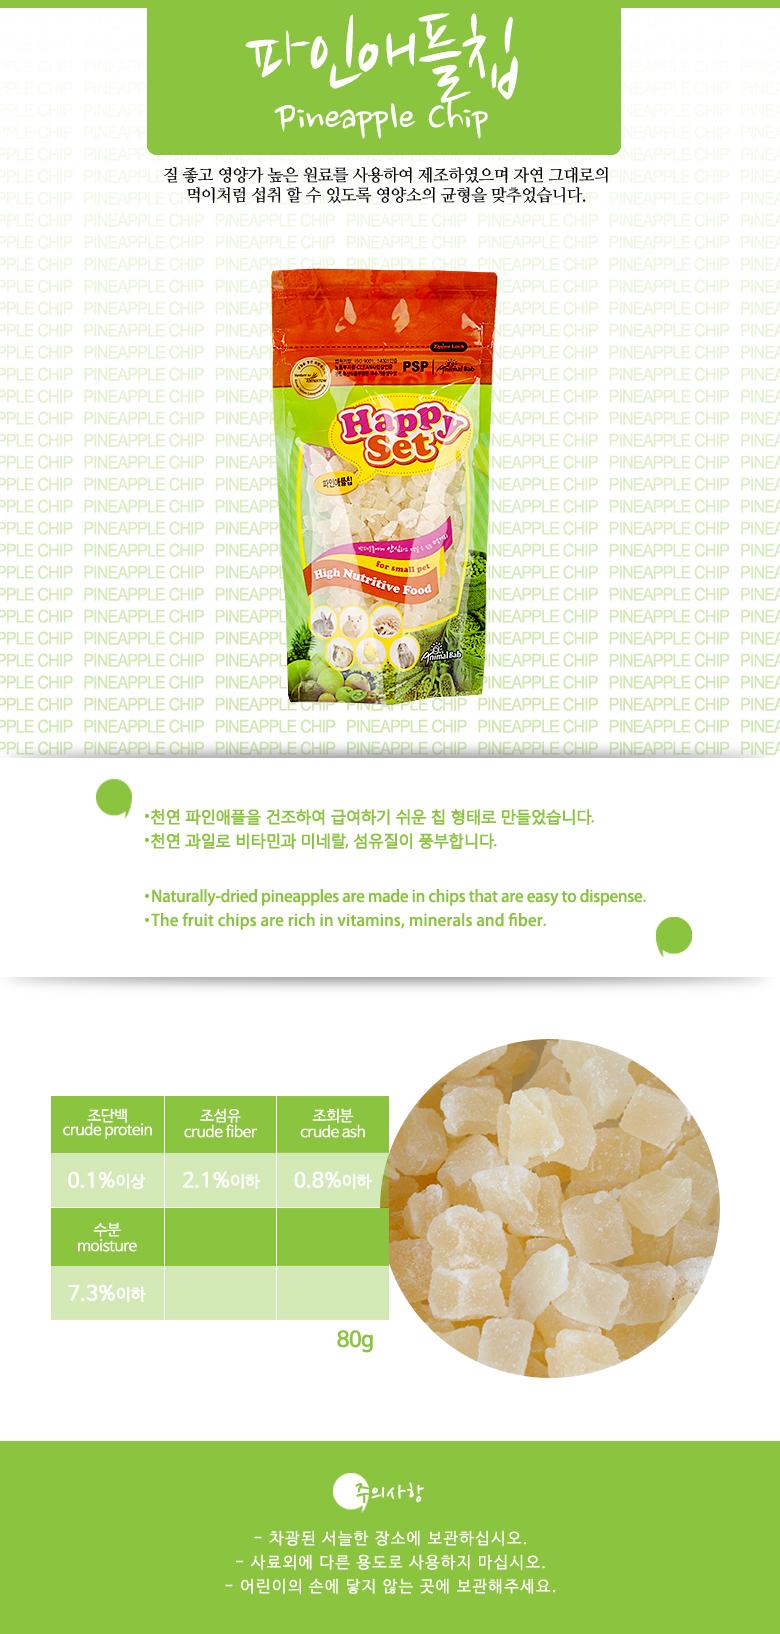 PSP 내추럴 파인애플칩 80g (천연 건조과일 비타민 미네랄) -.jpg